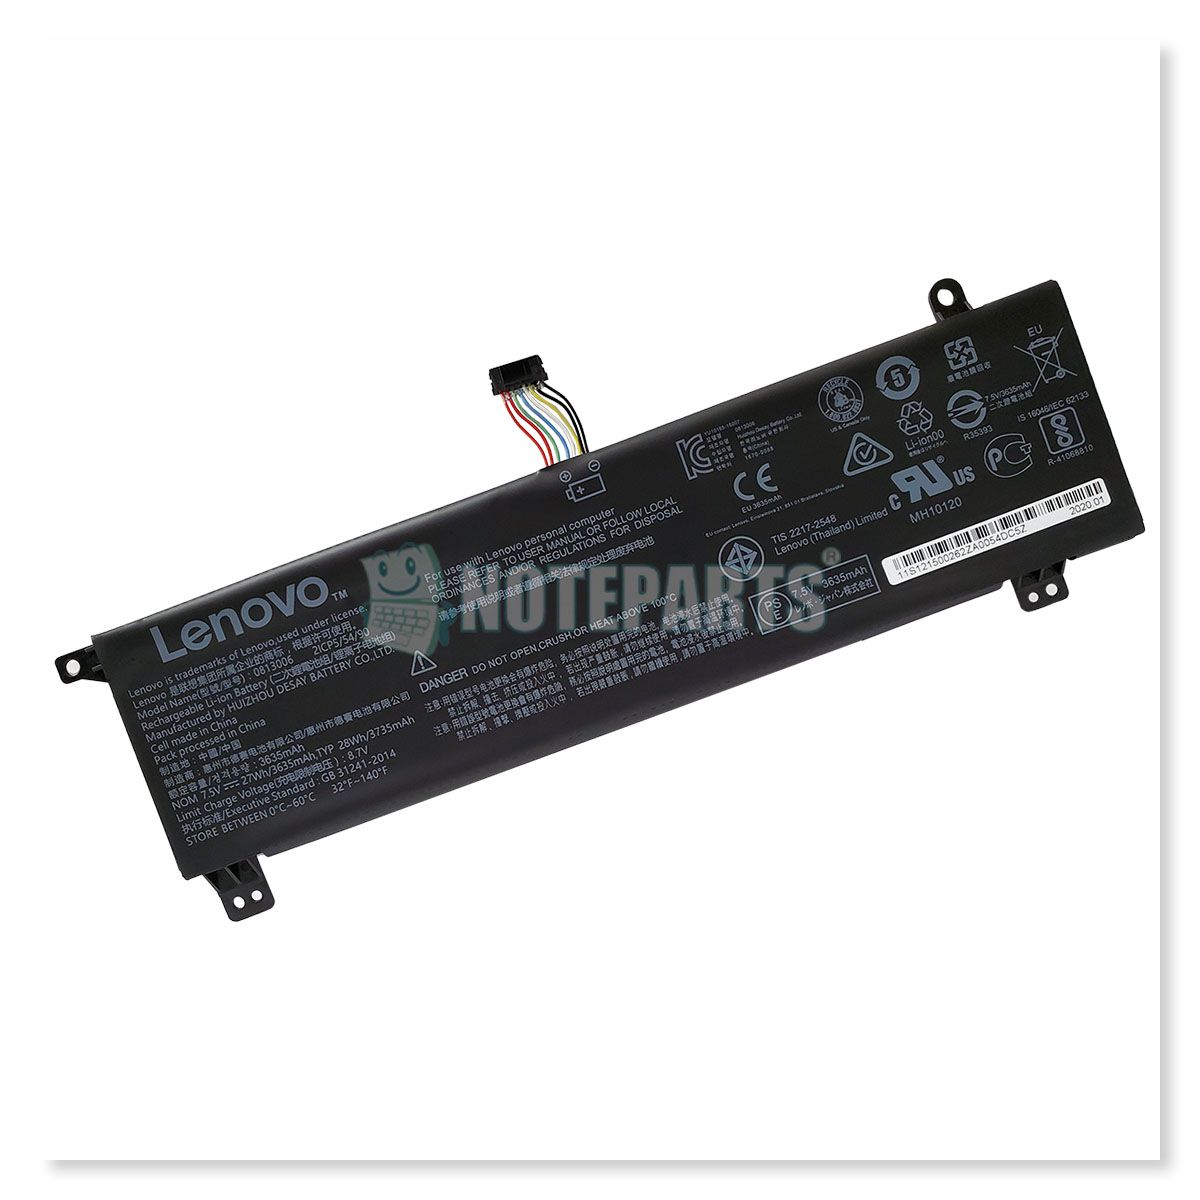 Lenovo純正 レノボ ideapad 120s (11.6型) 120s-11IAP HDD搭載モデル用 バッテリー 0813006 5B10P23790 5B10P23836